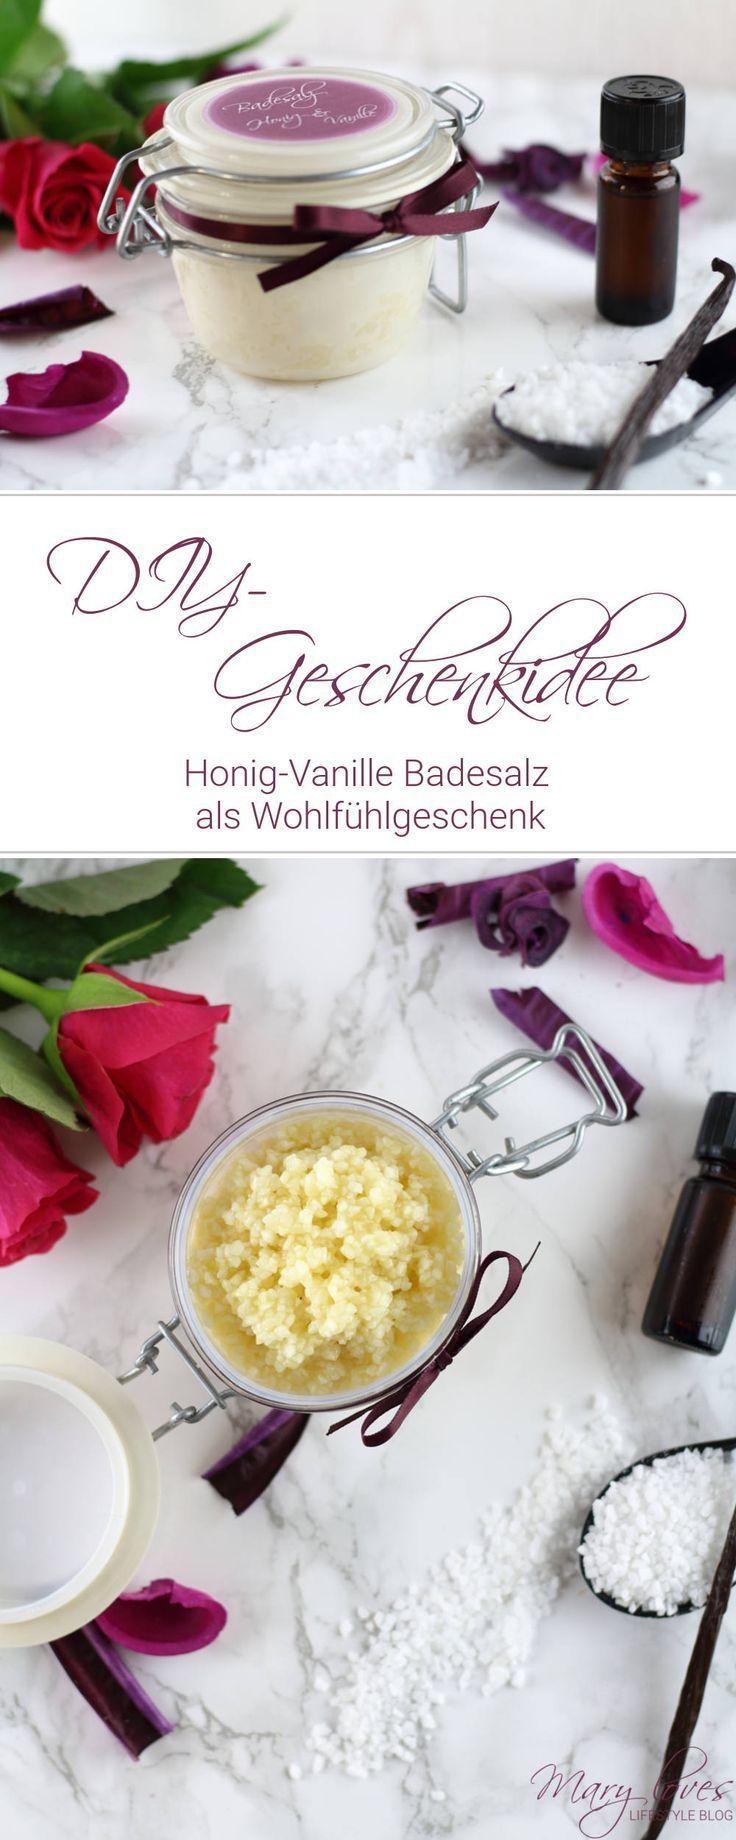 DIY-Geschenkidee: Honig-Vanille Badesalz – Hallo Winter! Gruppenboard